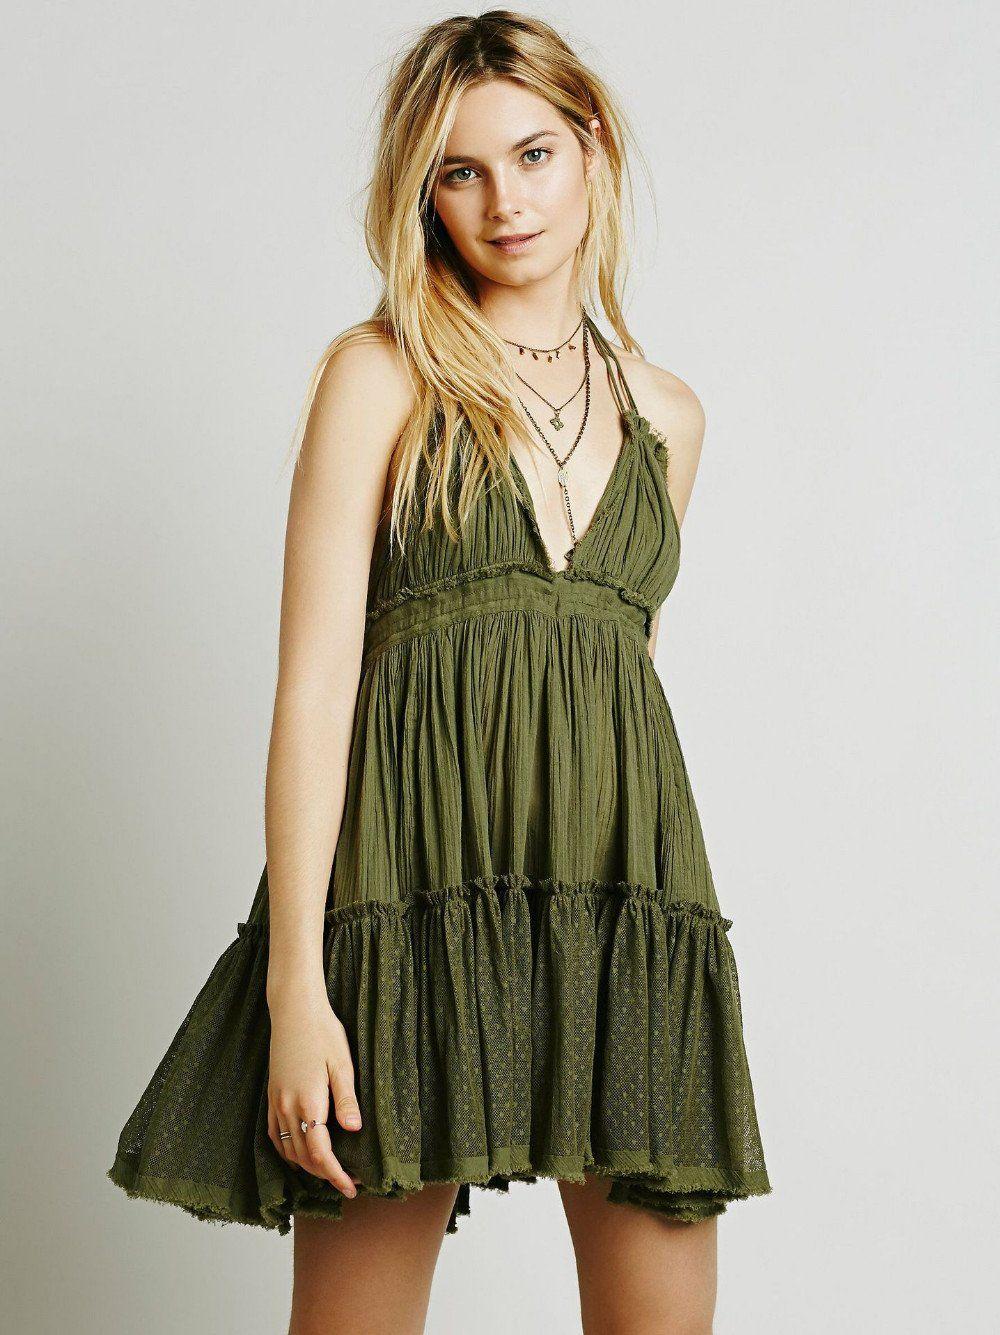 BellFlower Backless Dress